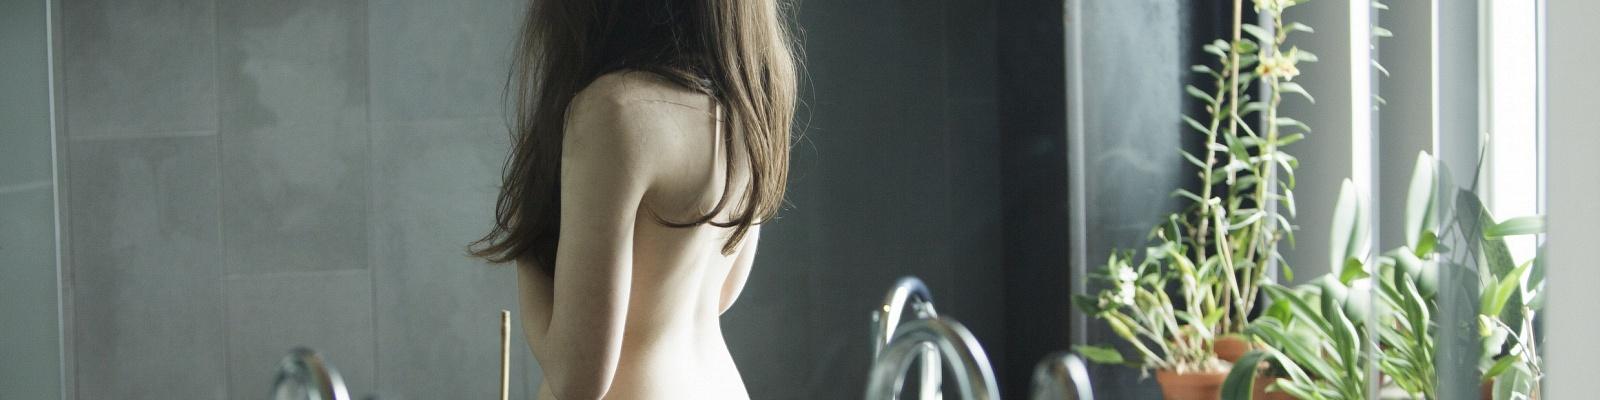 Yelena Serova's Cover Photo